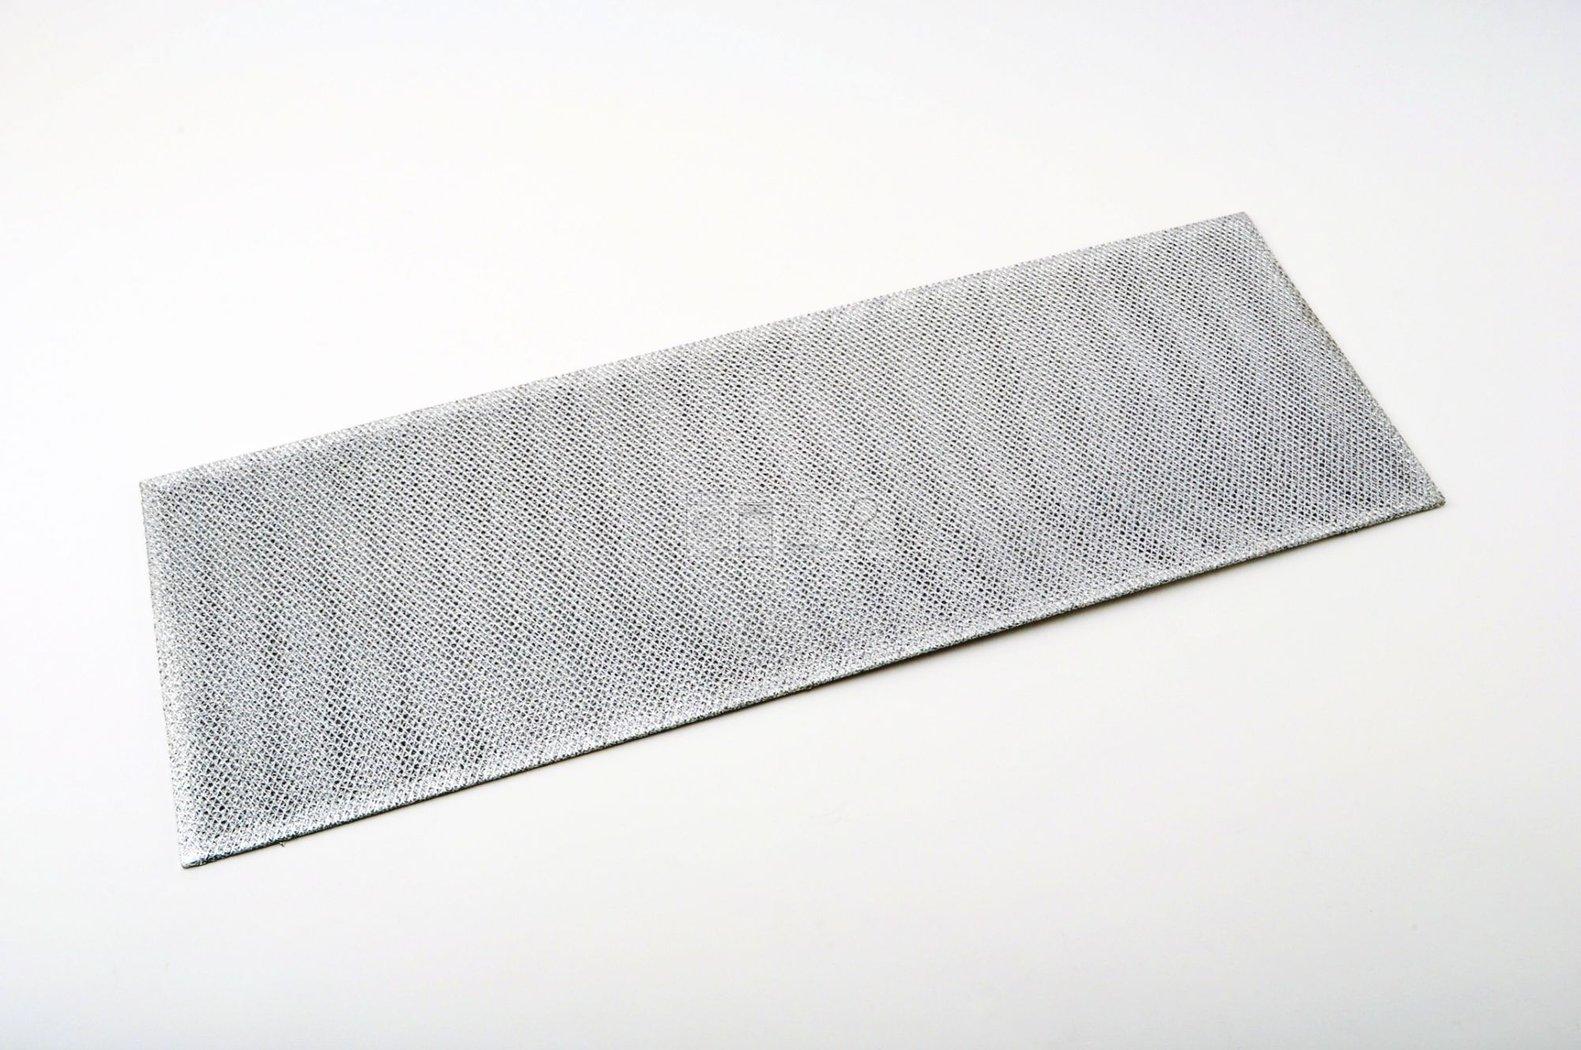 Aeg dunstabzugshaube filter reset: kaufberatung für